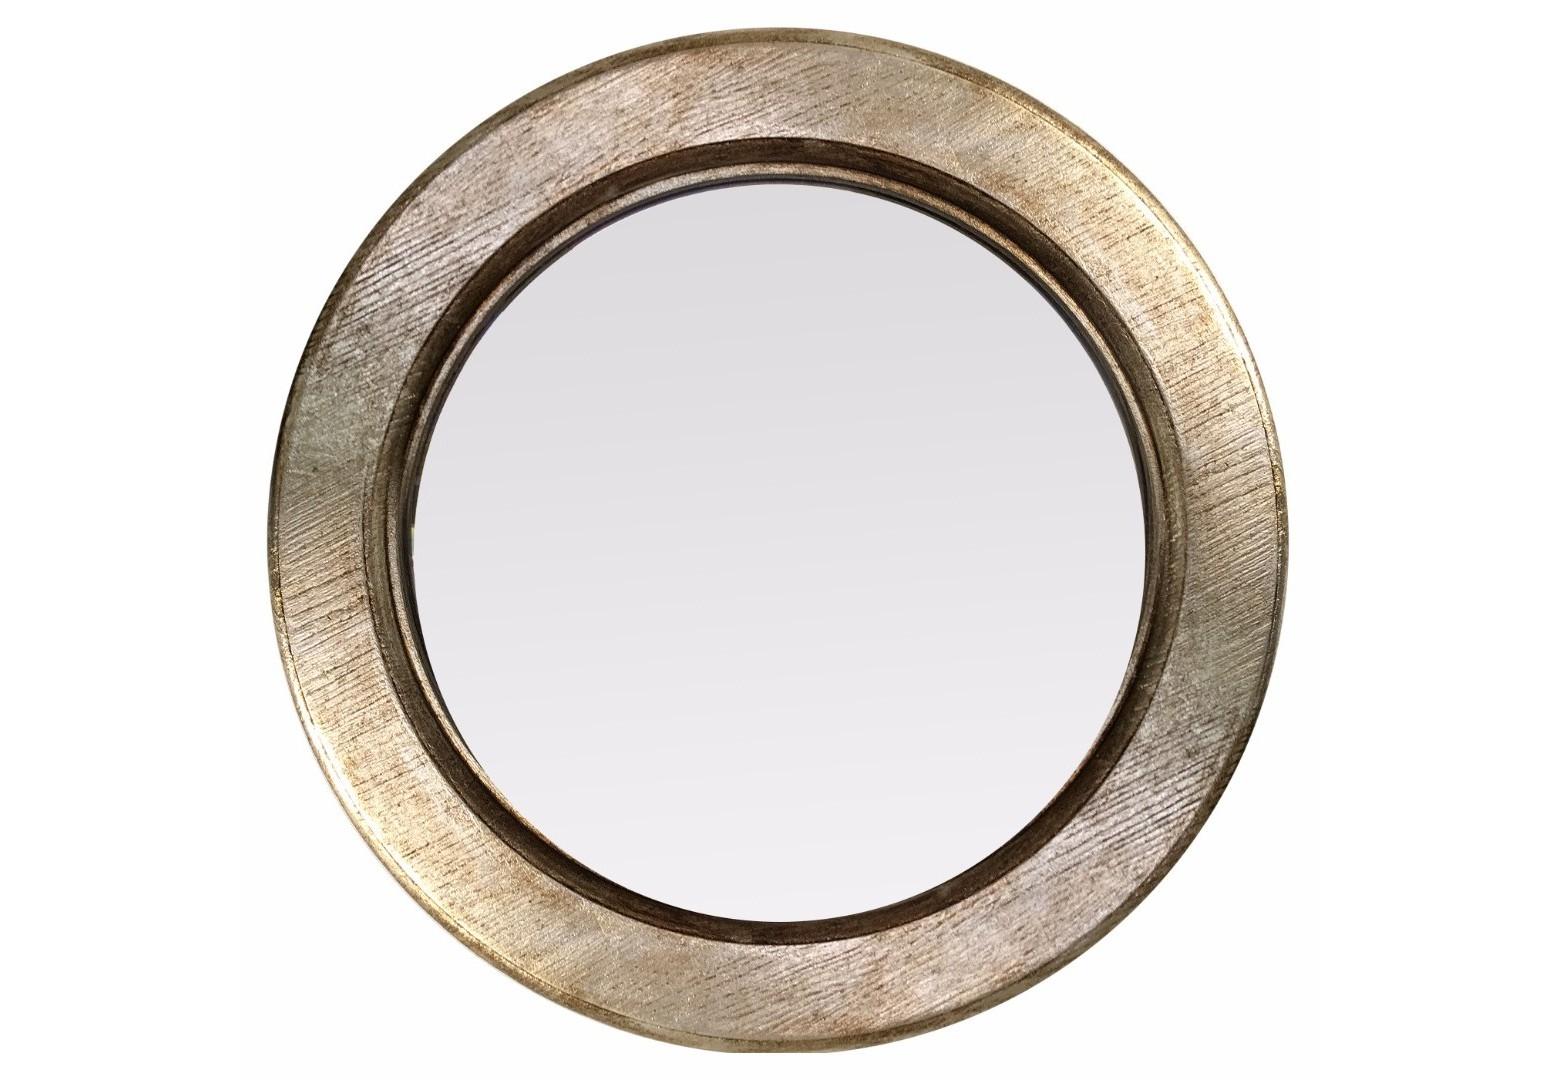 Зеркало ArthurНастенные зеркала<br>&amp;lt;div&amp;gt;Коллекции&amp;amp;nbsp;&amp;lt;span style=&amp;quot;font-size: 14px;&amp;quot;&amp;gt;B-Home&amp;lt;/span&amp;gt;&amp;amp;nbsp;– это дизайнерские зеркала, зеркальная мебель и предметы интерьера. Все изделия от и до мы создаем сами в нашей мастерской. Каждое – это уникальное произведение, арт-объект со своей историей и мелодией. Мы следим за современными трендами, лично отбираем лучшие материалы и каждый день трудимся над созданием новых шедевров, которые будут радовать вас. Если вы ищете что-то действительно качественное, стоящее и эксклюзивное, что сделано с душой и руками человека,&amp;amp;nbsp;&amp;lt;span style=&amp;quot;font-size: 14px;&amp;quot;&amp;gt;B-Home&amp;amp;nbsp;&amp;lt;/span&amp;gt;придется вам по вкусу!&amp;lt;/div&amp;gt;&amp;lt;div&amp;gt;&amp;lt;br&amp;gt;&amp;lt;/div&amp;gt;&amp;lt;div&amp;gt;Возможно изготовление по Вашим цветам и размерам.&amp;lt;/div&amp;gt;<br><br>Material: Дерево<br>Глубина см: 5.0